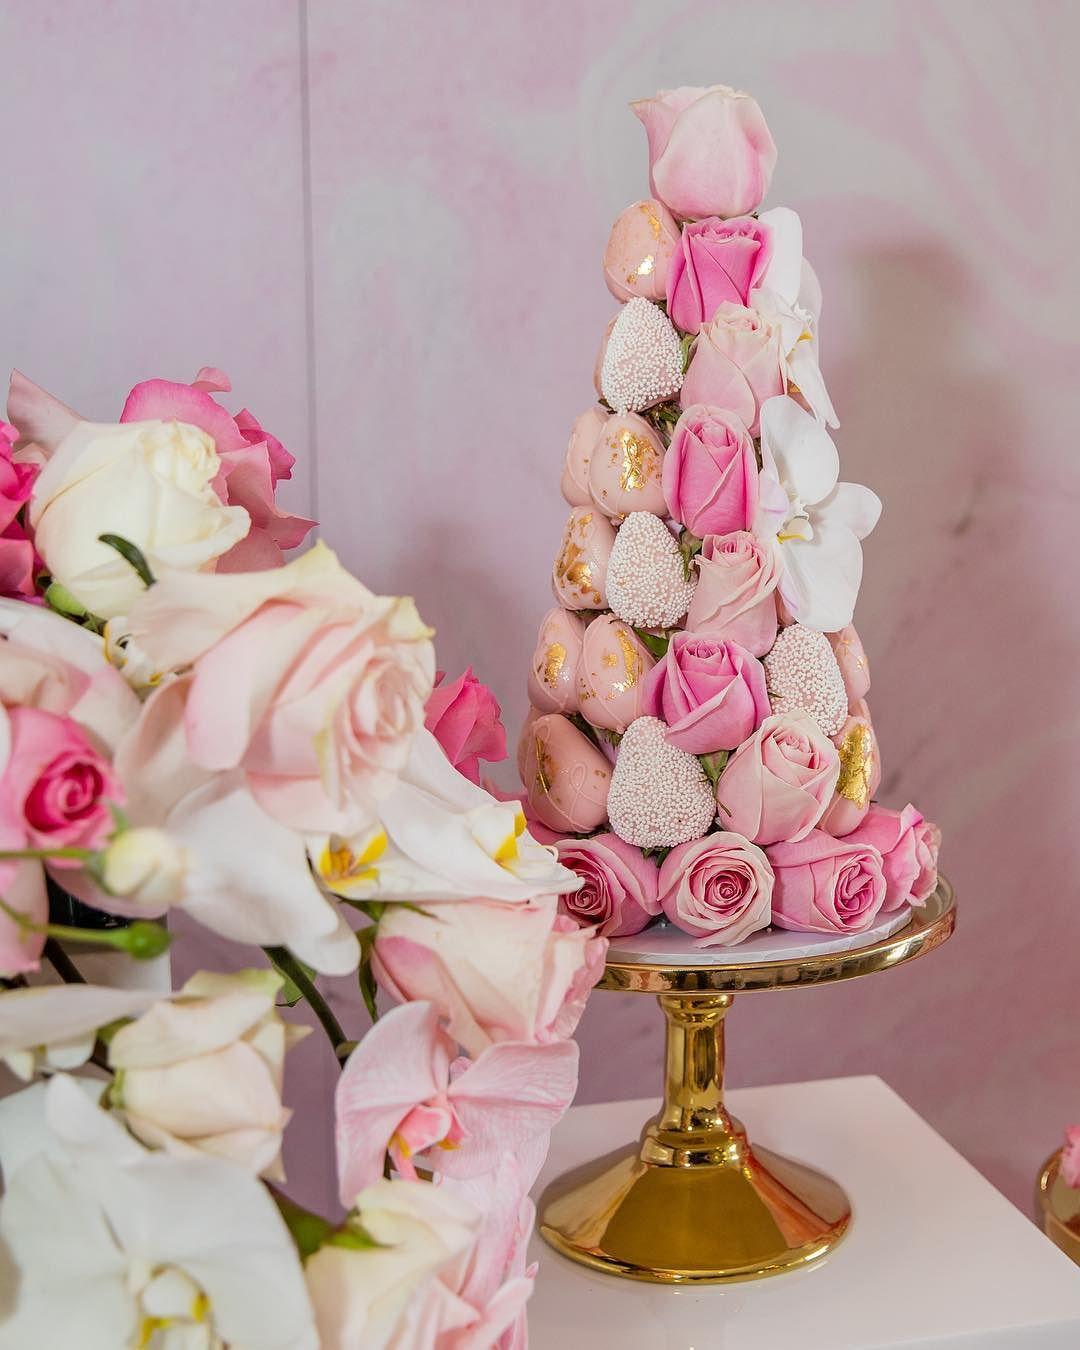 decoracion de torres con fresas y rosas para mesa de postres (2)